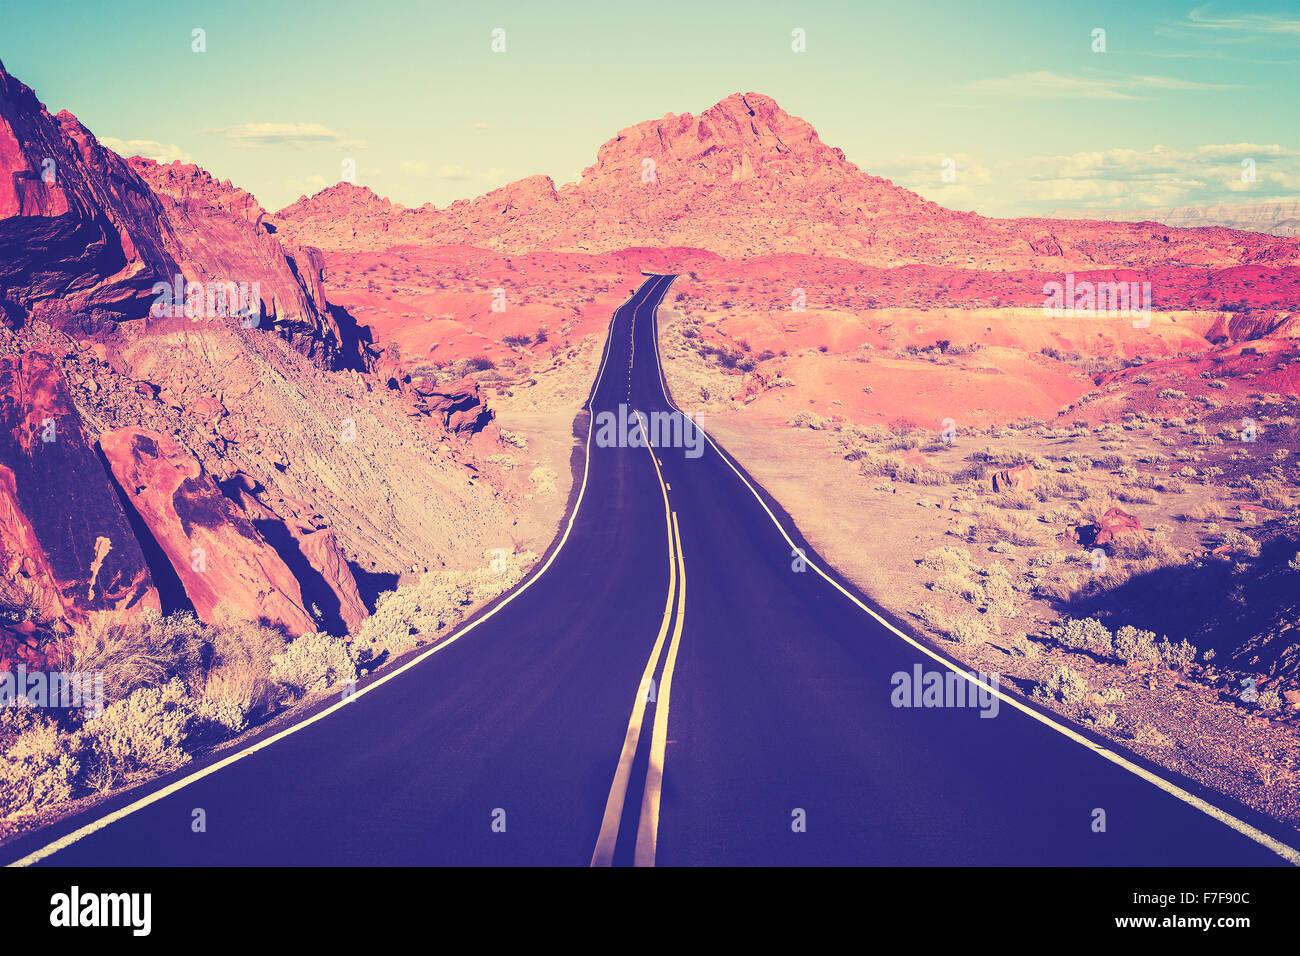 Vintage nei toni del deserto curvo autostrada, concetto di viaggio, STATI UNITI D'AMERICA. Immagini Stock